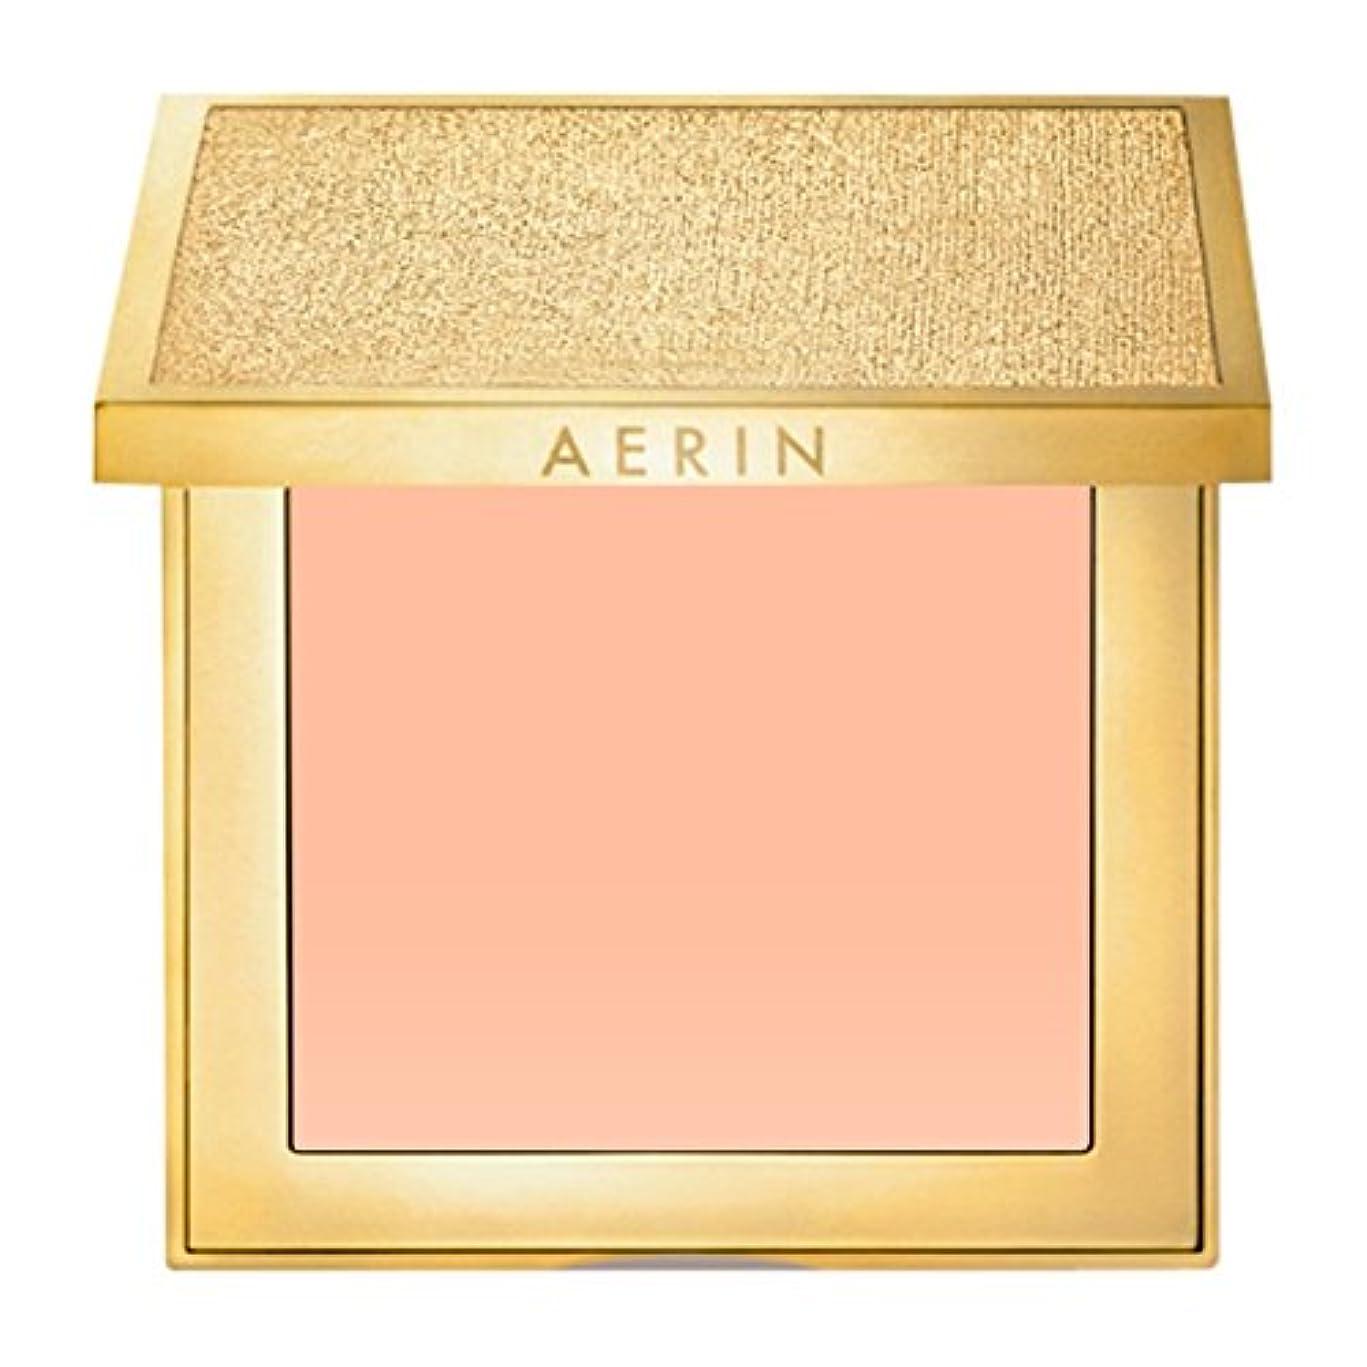 密頬安全でないAerin新鮮な肌コンパクトメイクアップレベル3 (AERIN) (x6) - AERIN Fresh Skin Compact Makeup Level 3 (Pack of 6) [並行輸入品]